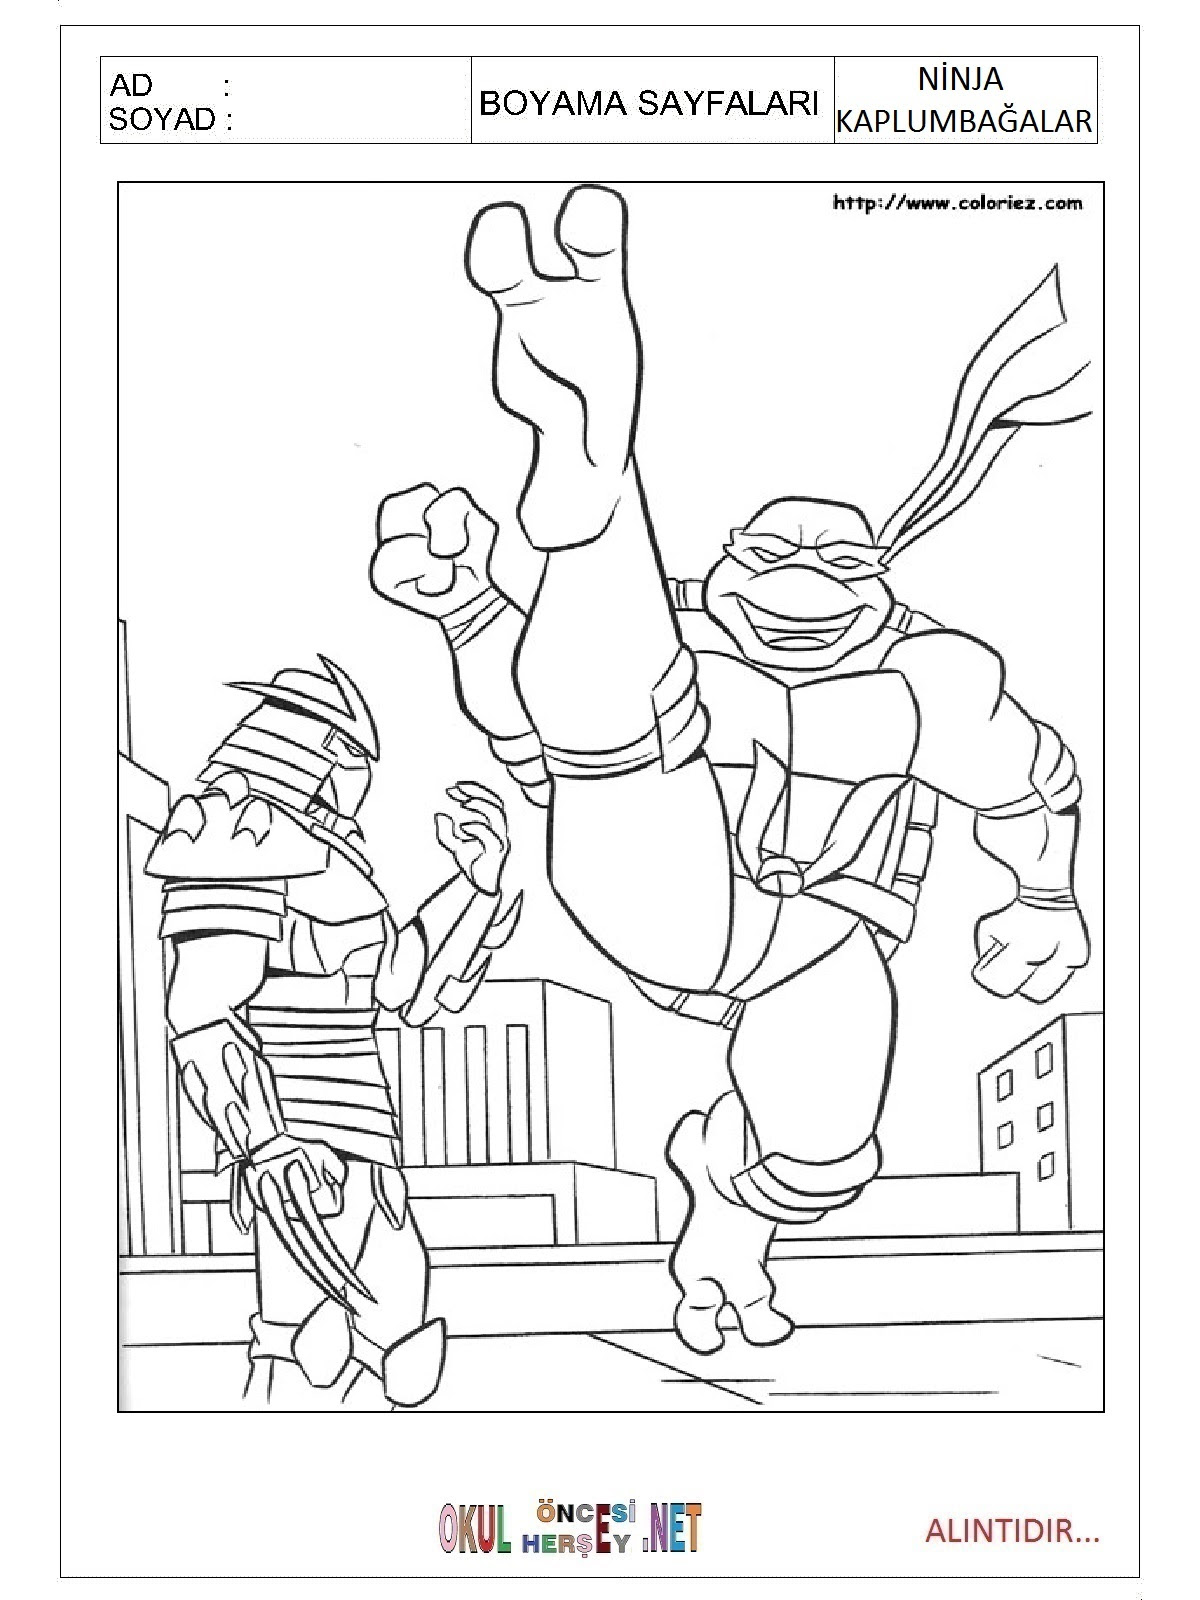 Ninja Kaplumbağalar Boyama Sayfaları